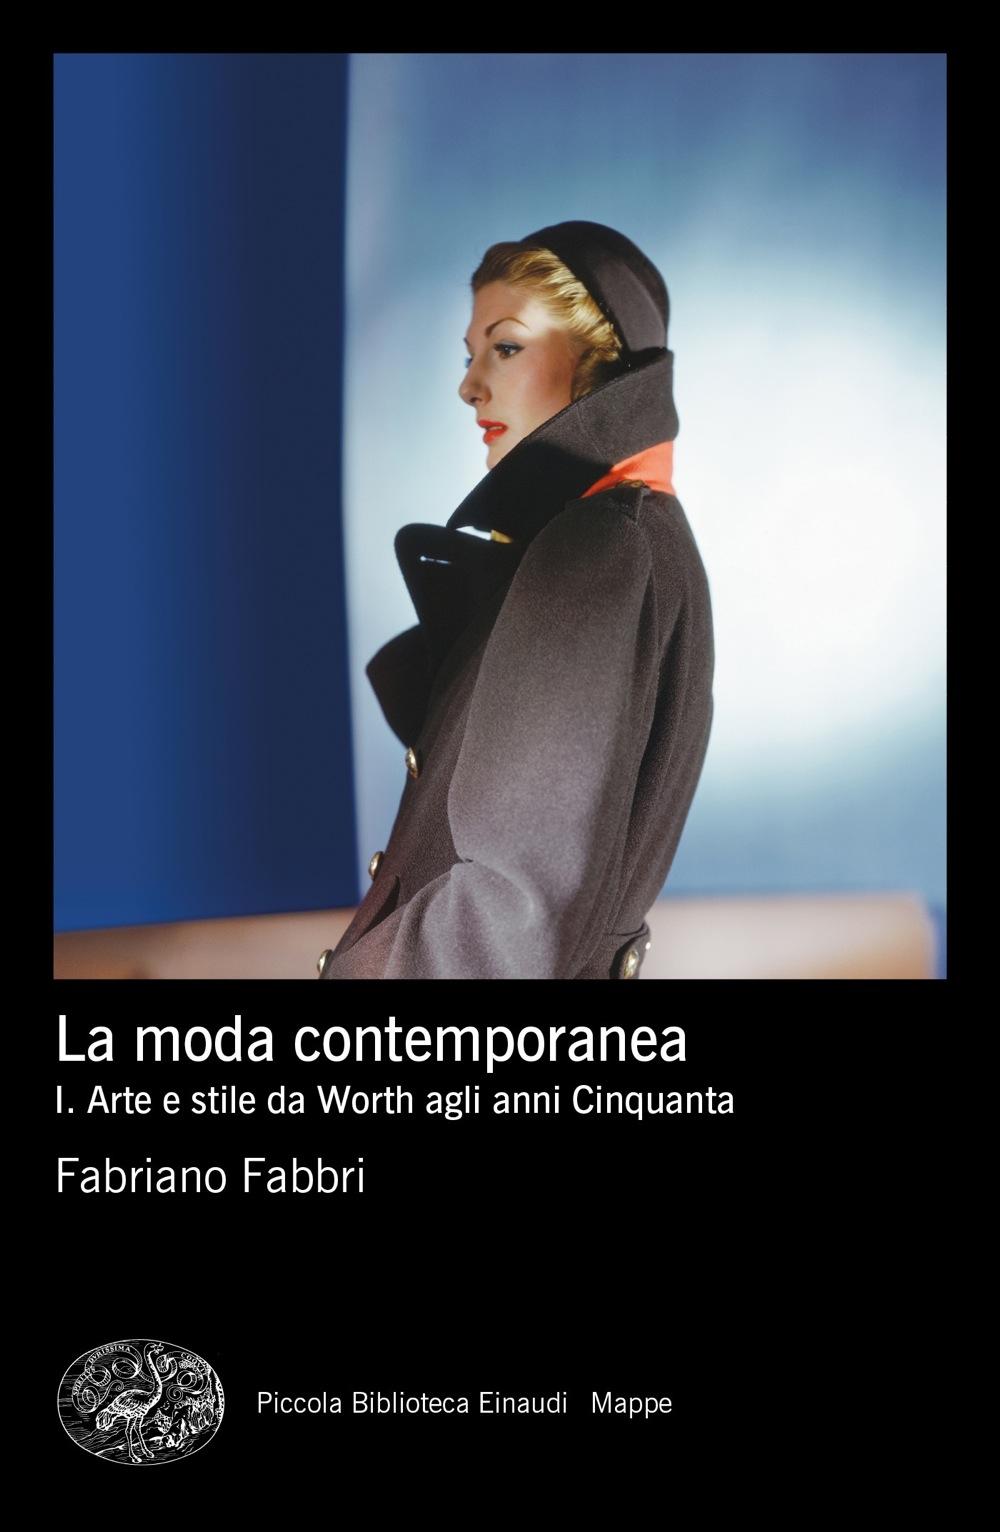 La Moda Contemporanea Fabriano Fabbri Giulio Einaudi